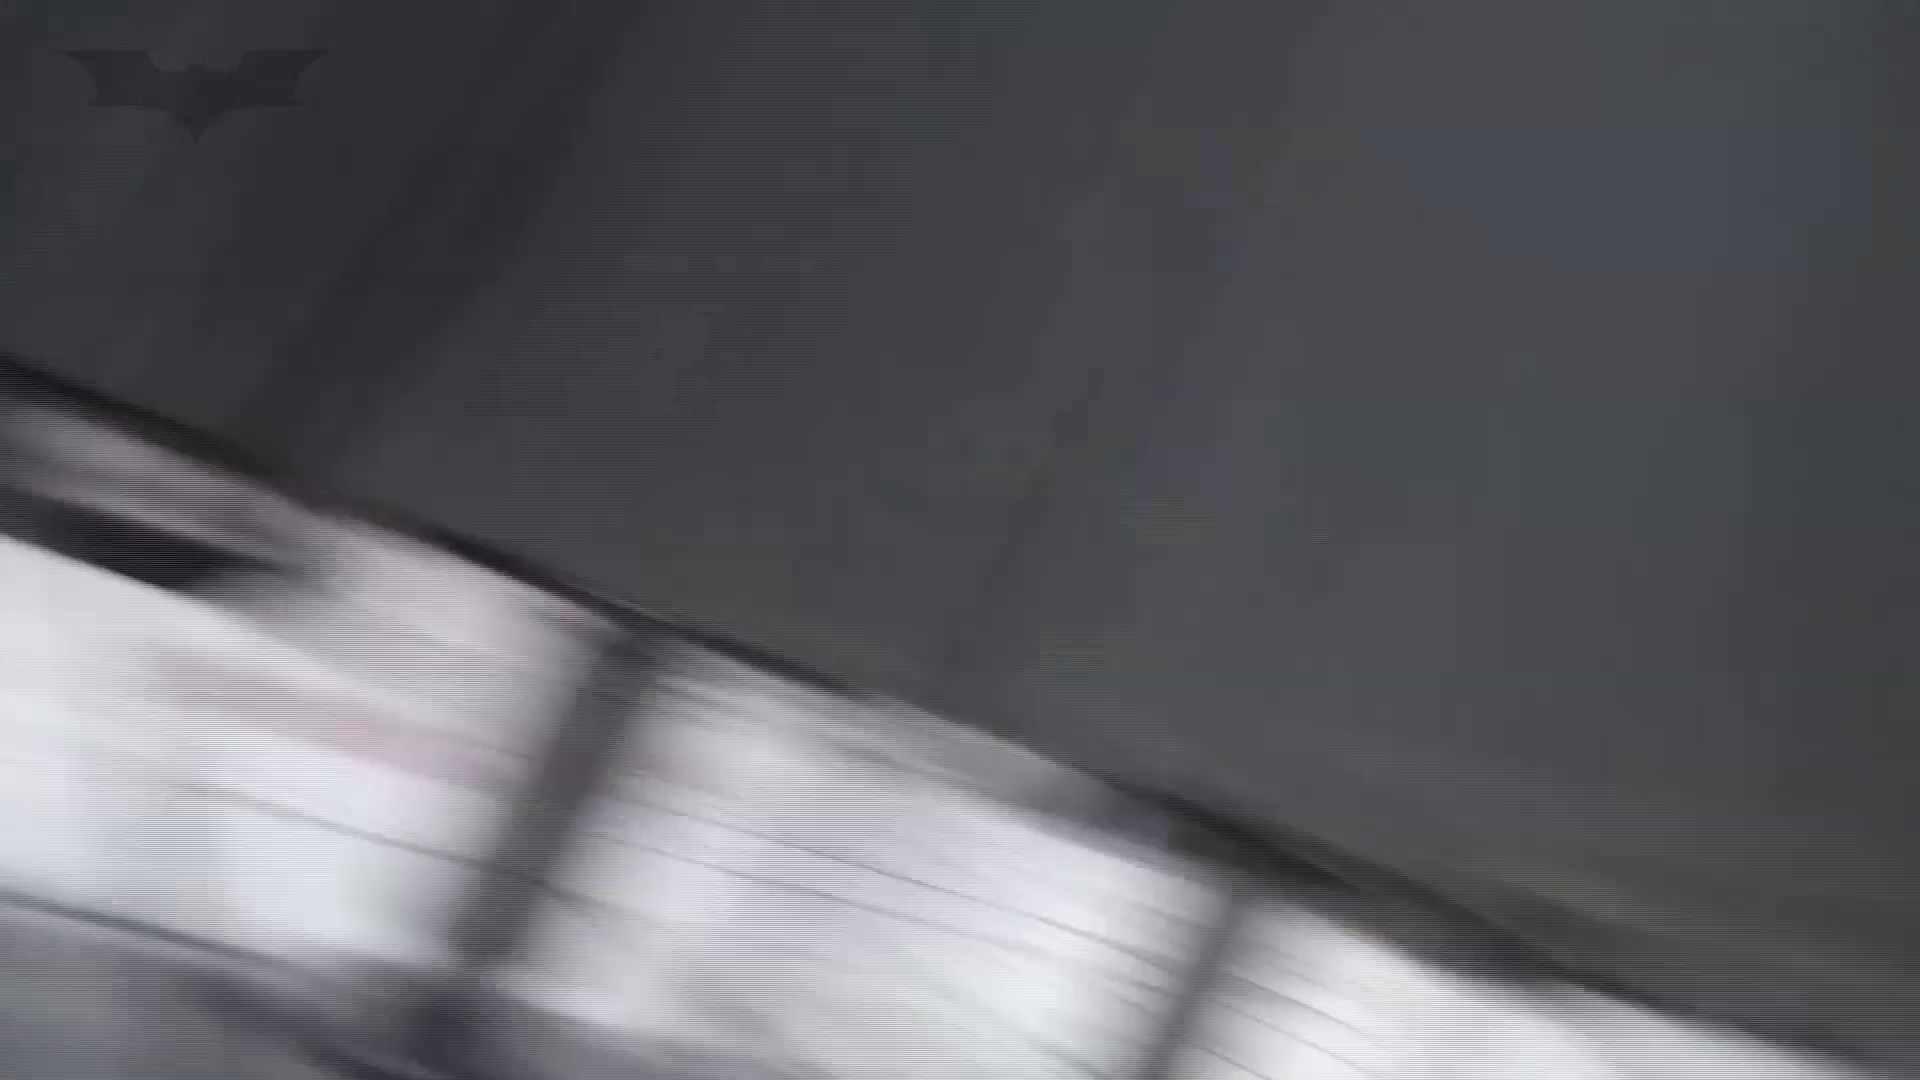 美しい日本の未来 No.31 新しいアングルに挑戦 おまんこ  87連発 75